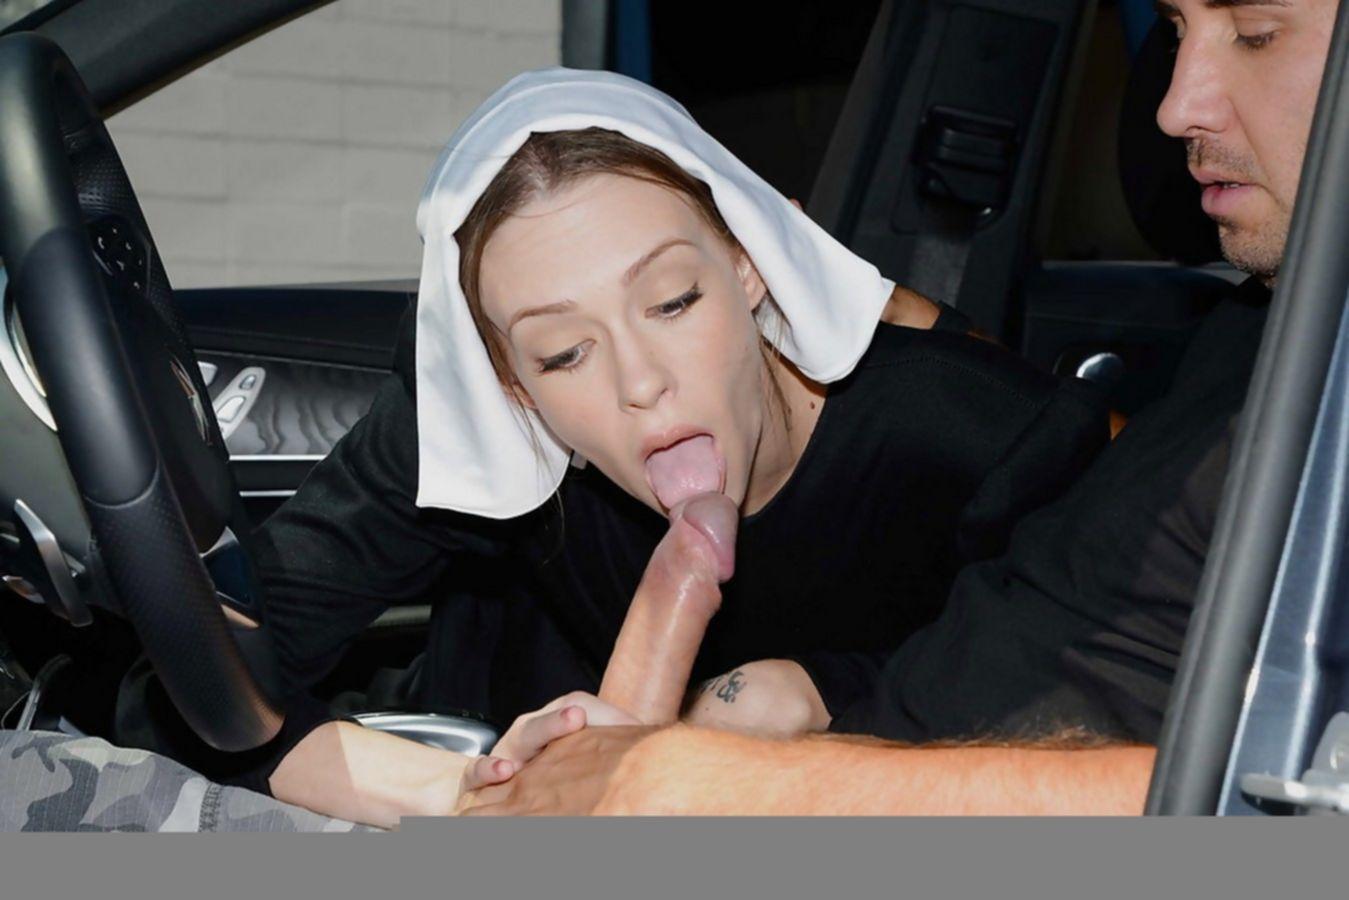 Худощавая монашка отблагодарила мужчину своим ртом и пиздой